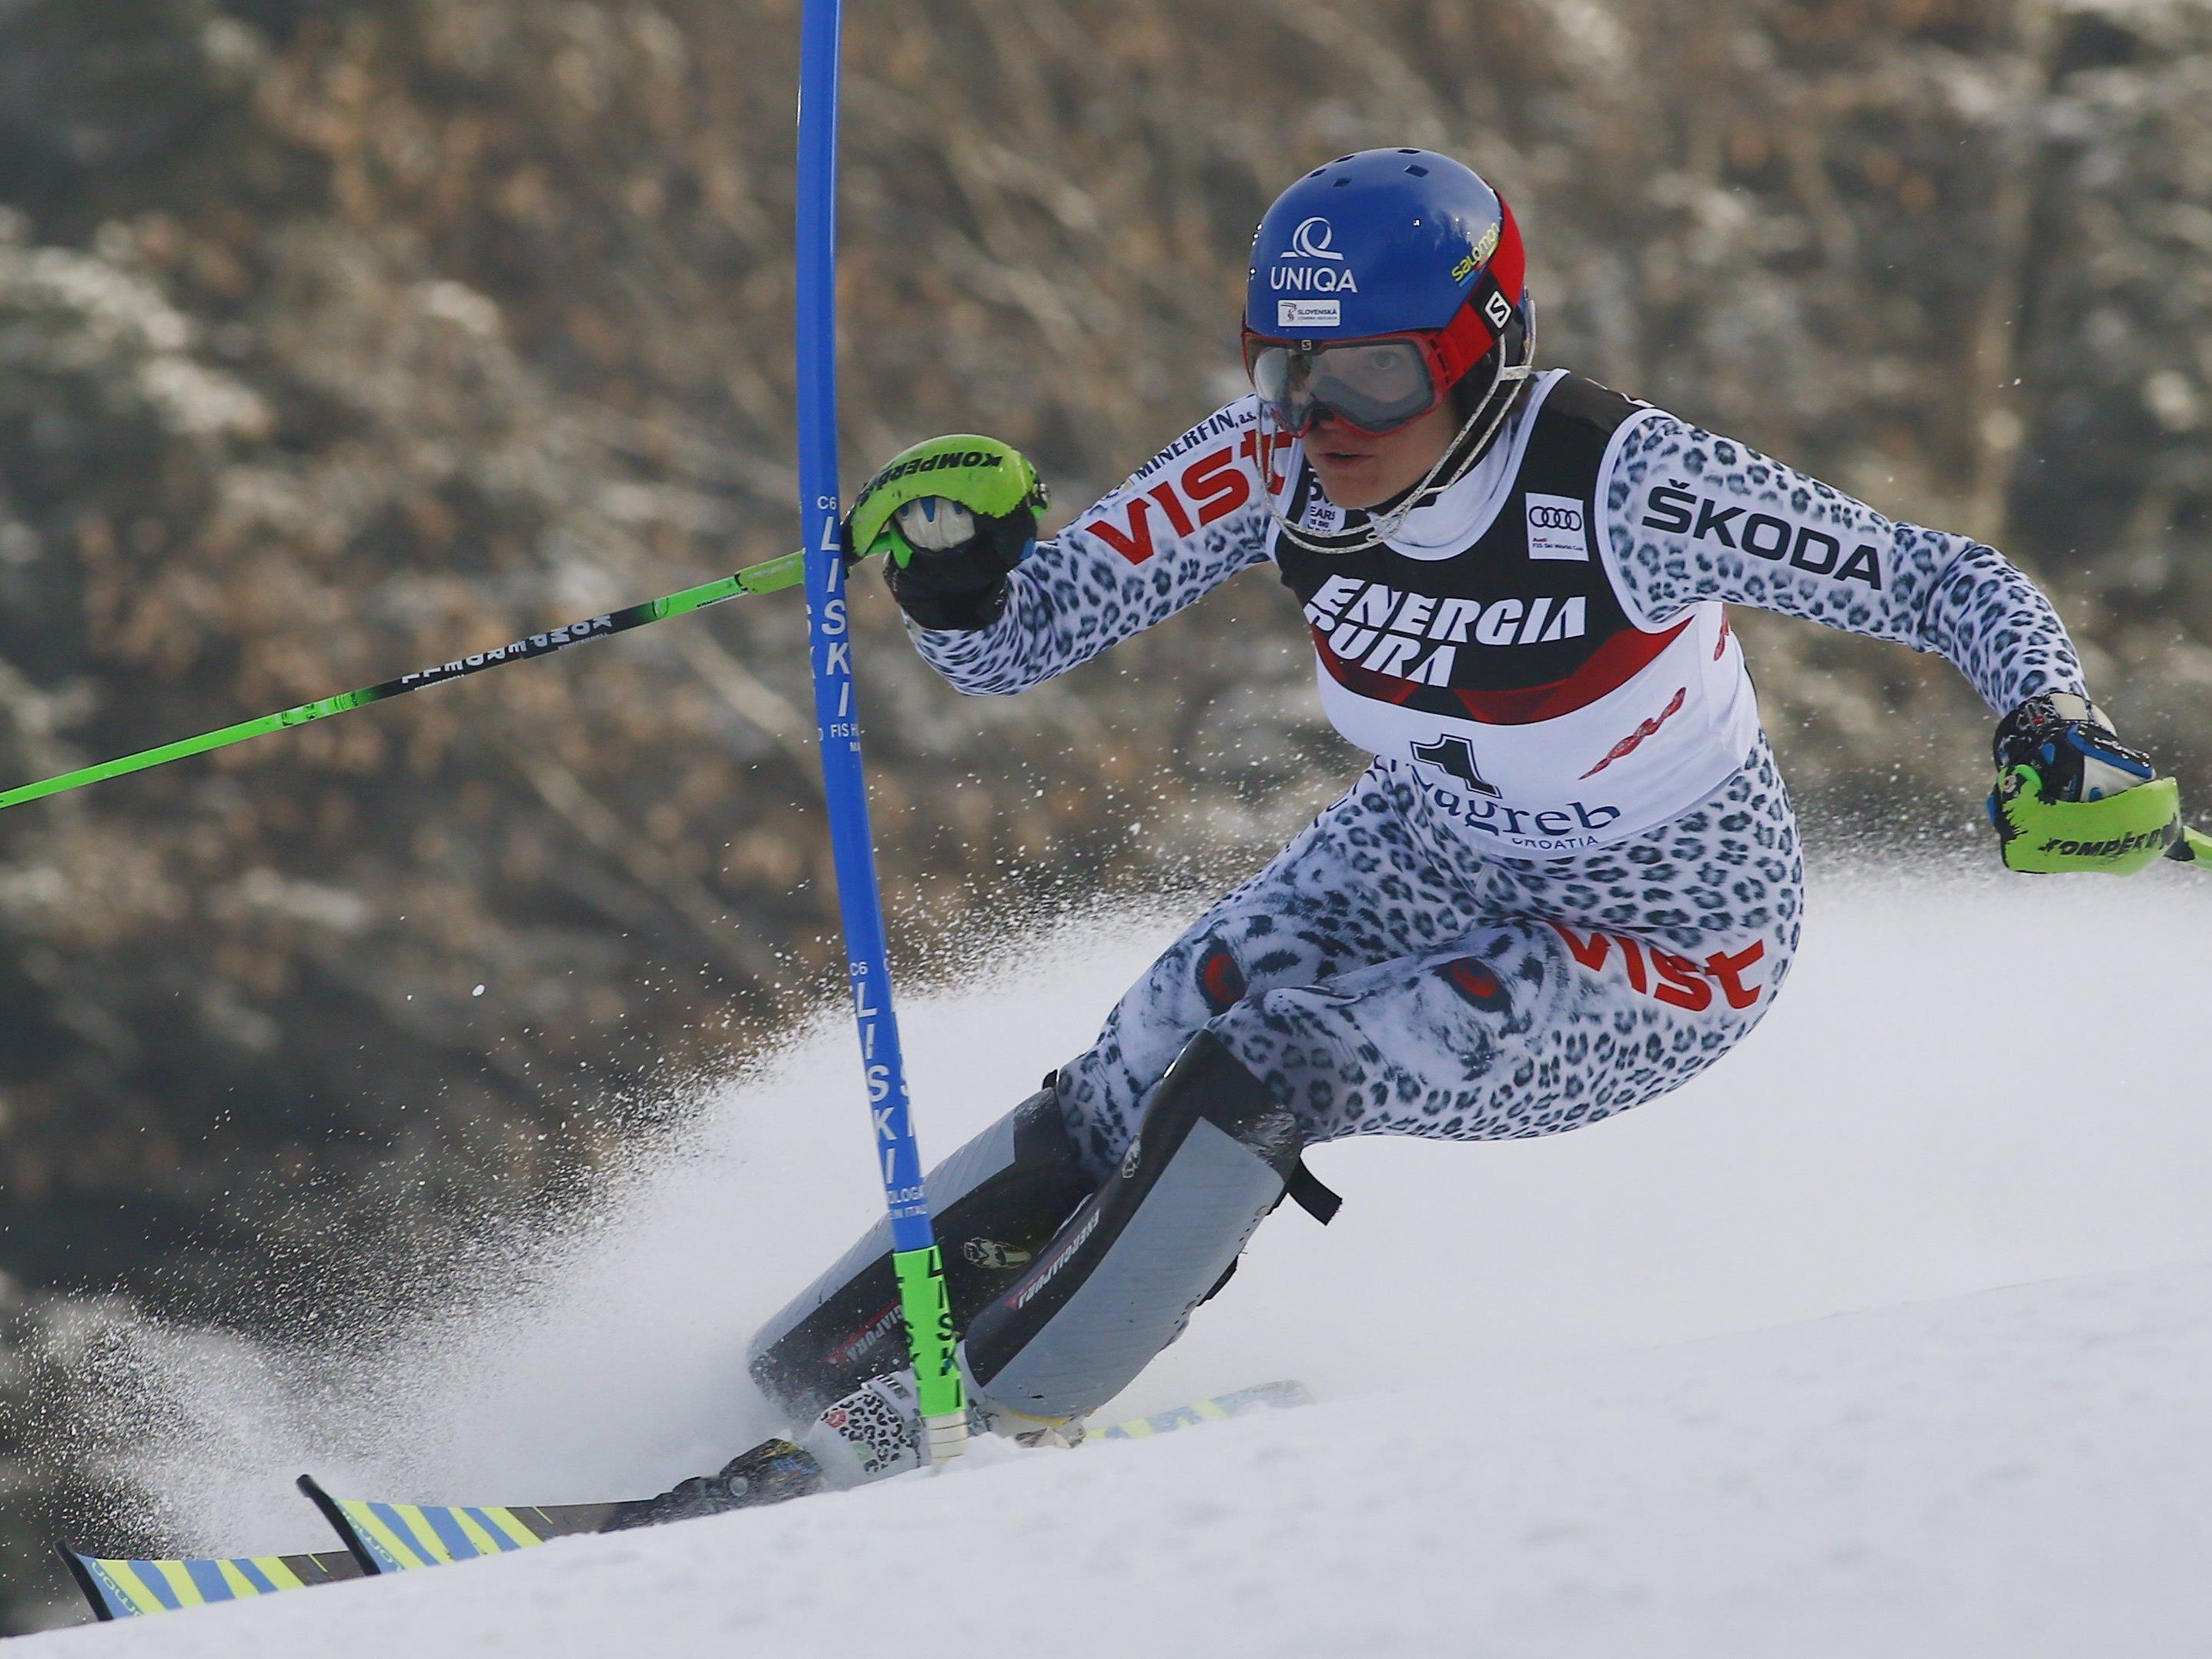 . An der Spitze des Klassements stand nach 35 Läuferinnen die Slowakin Veronika Velez-Zuzulova, 0,39 Sekunden dahinter lauerte auf Platz zwei die Salzburgerin Bernadette Schild.